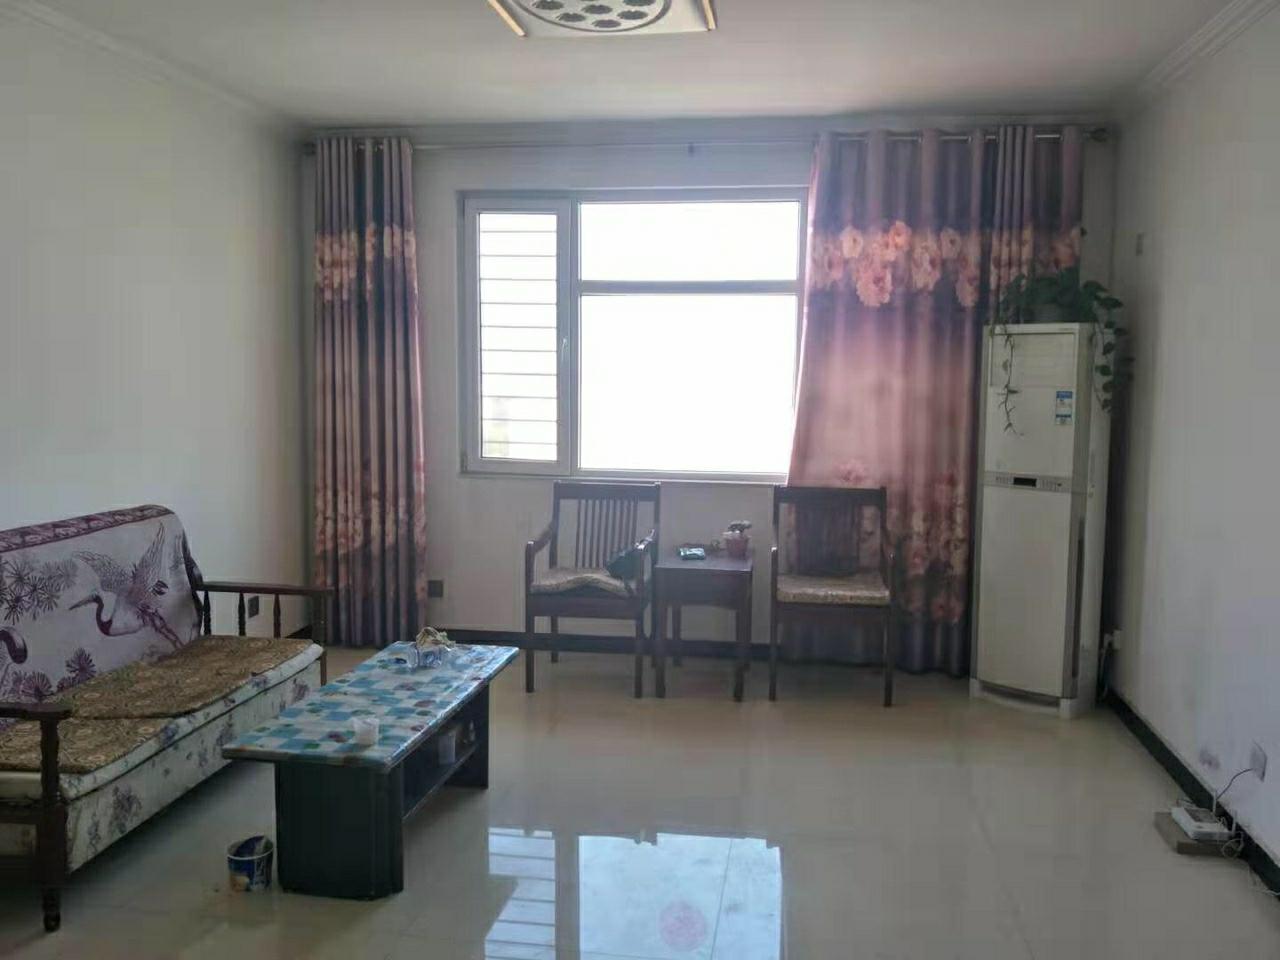 御景园3室2厅1卫75万元带小房